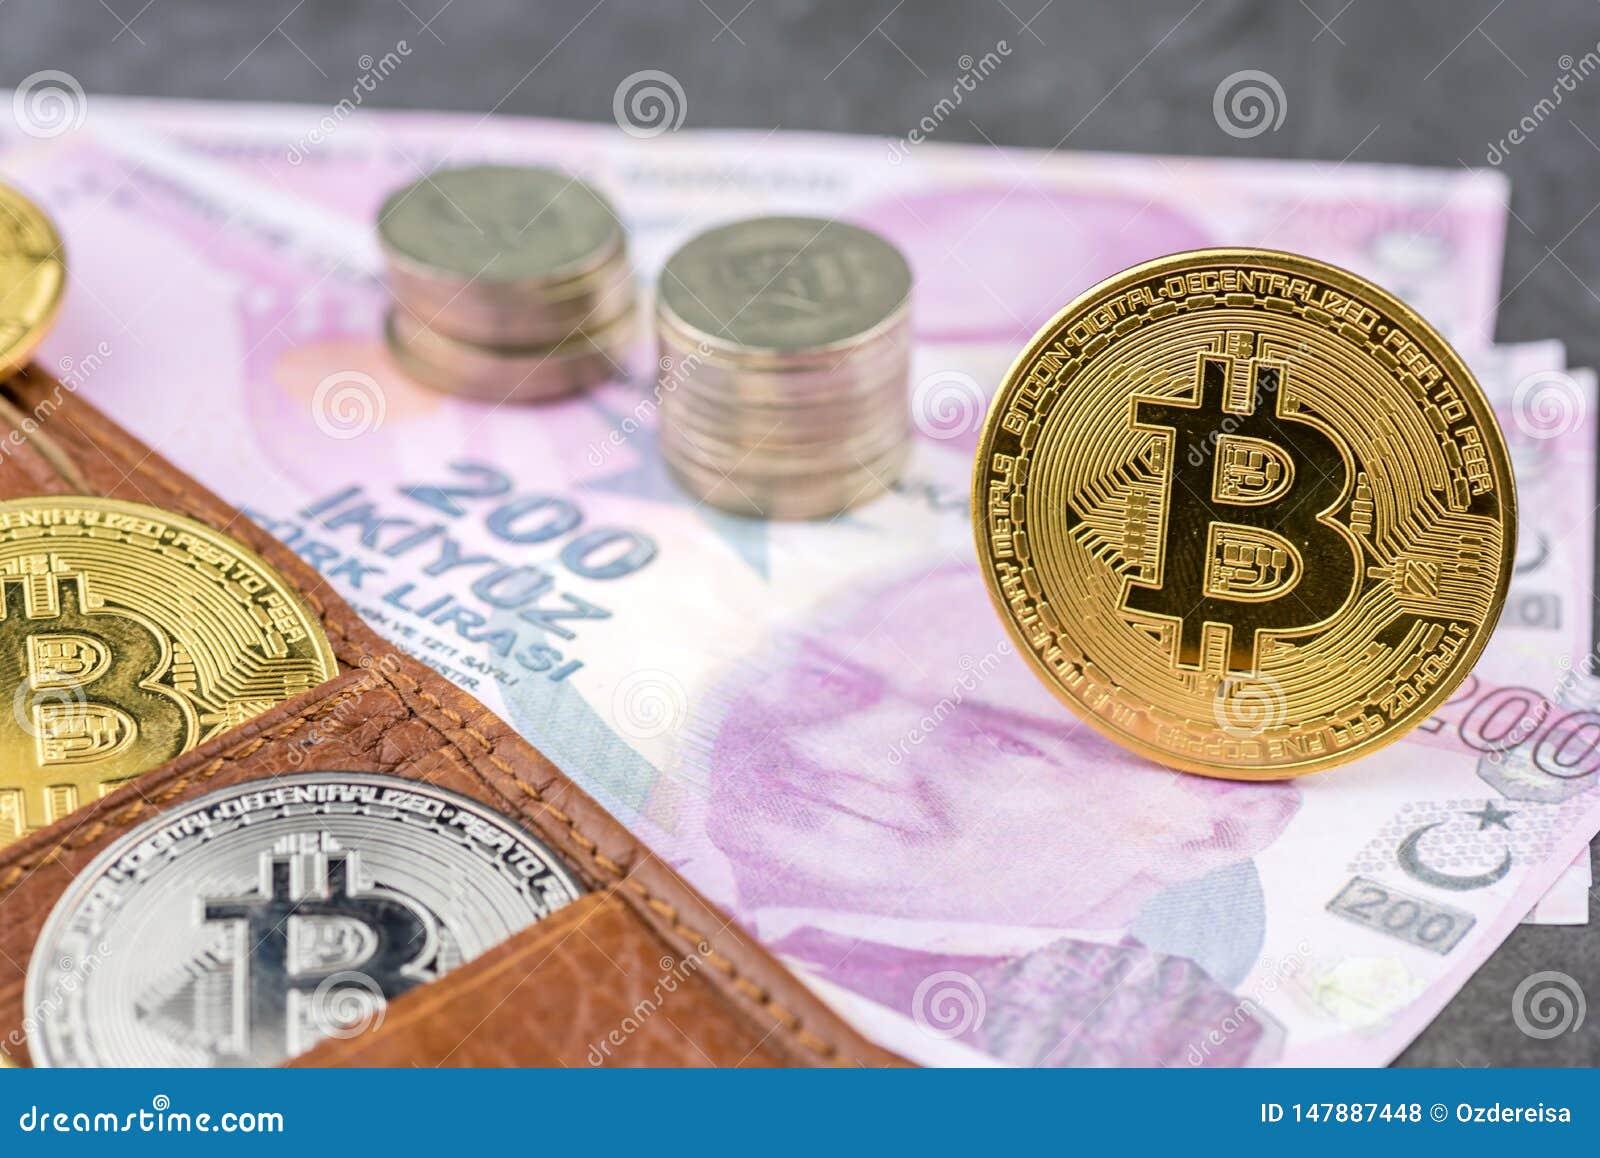 bitcoin wallet turkey